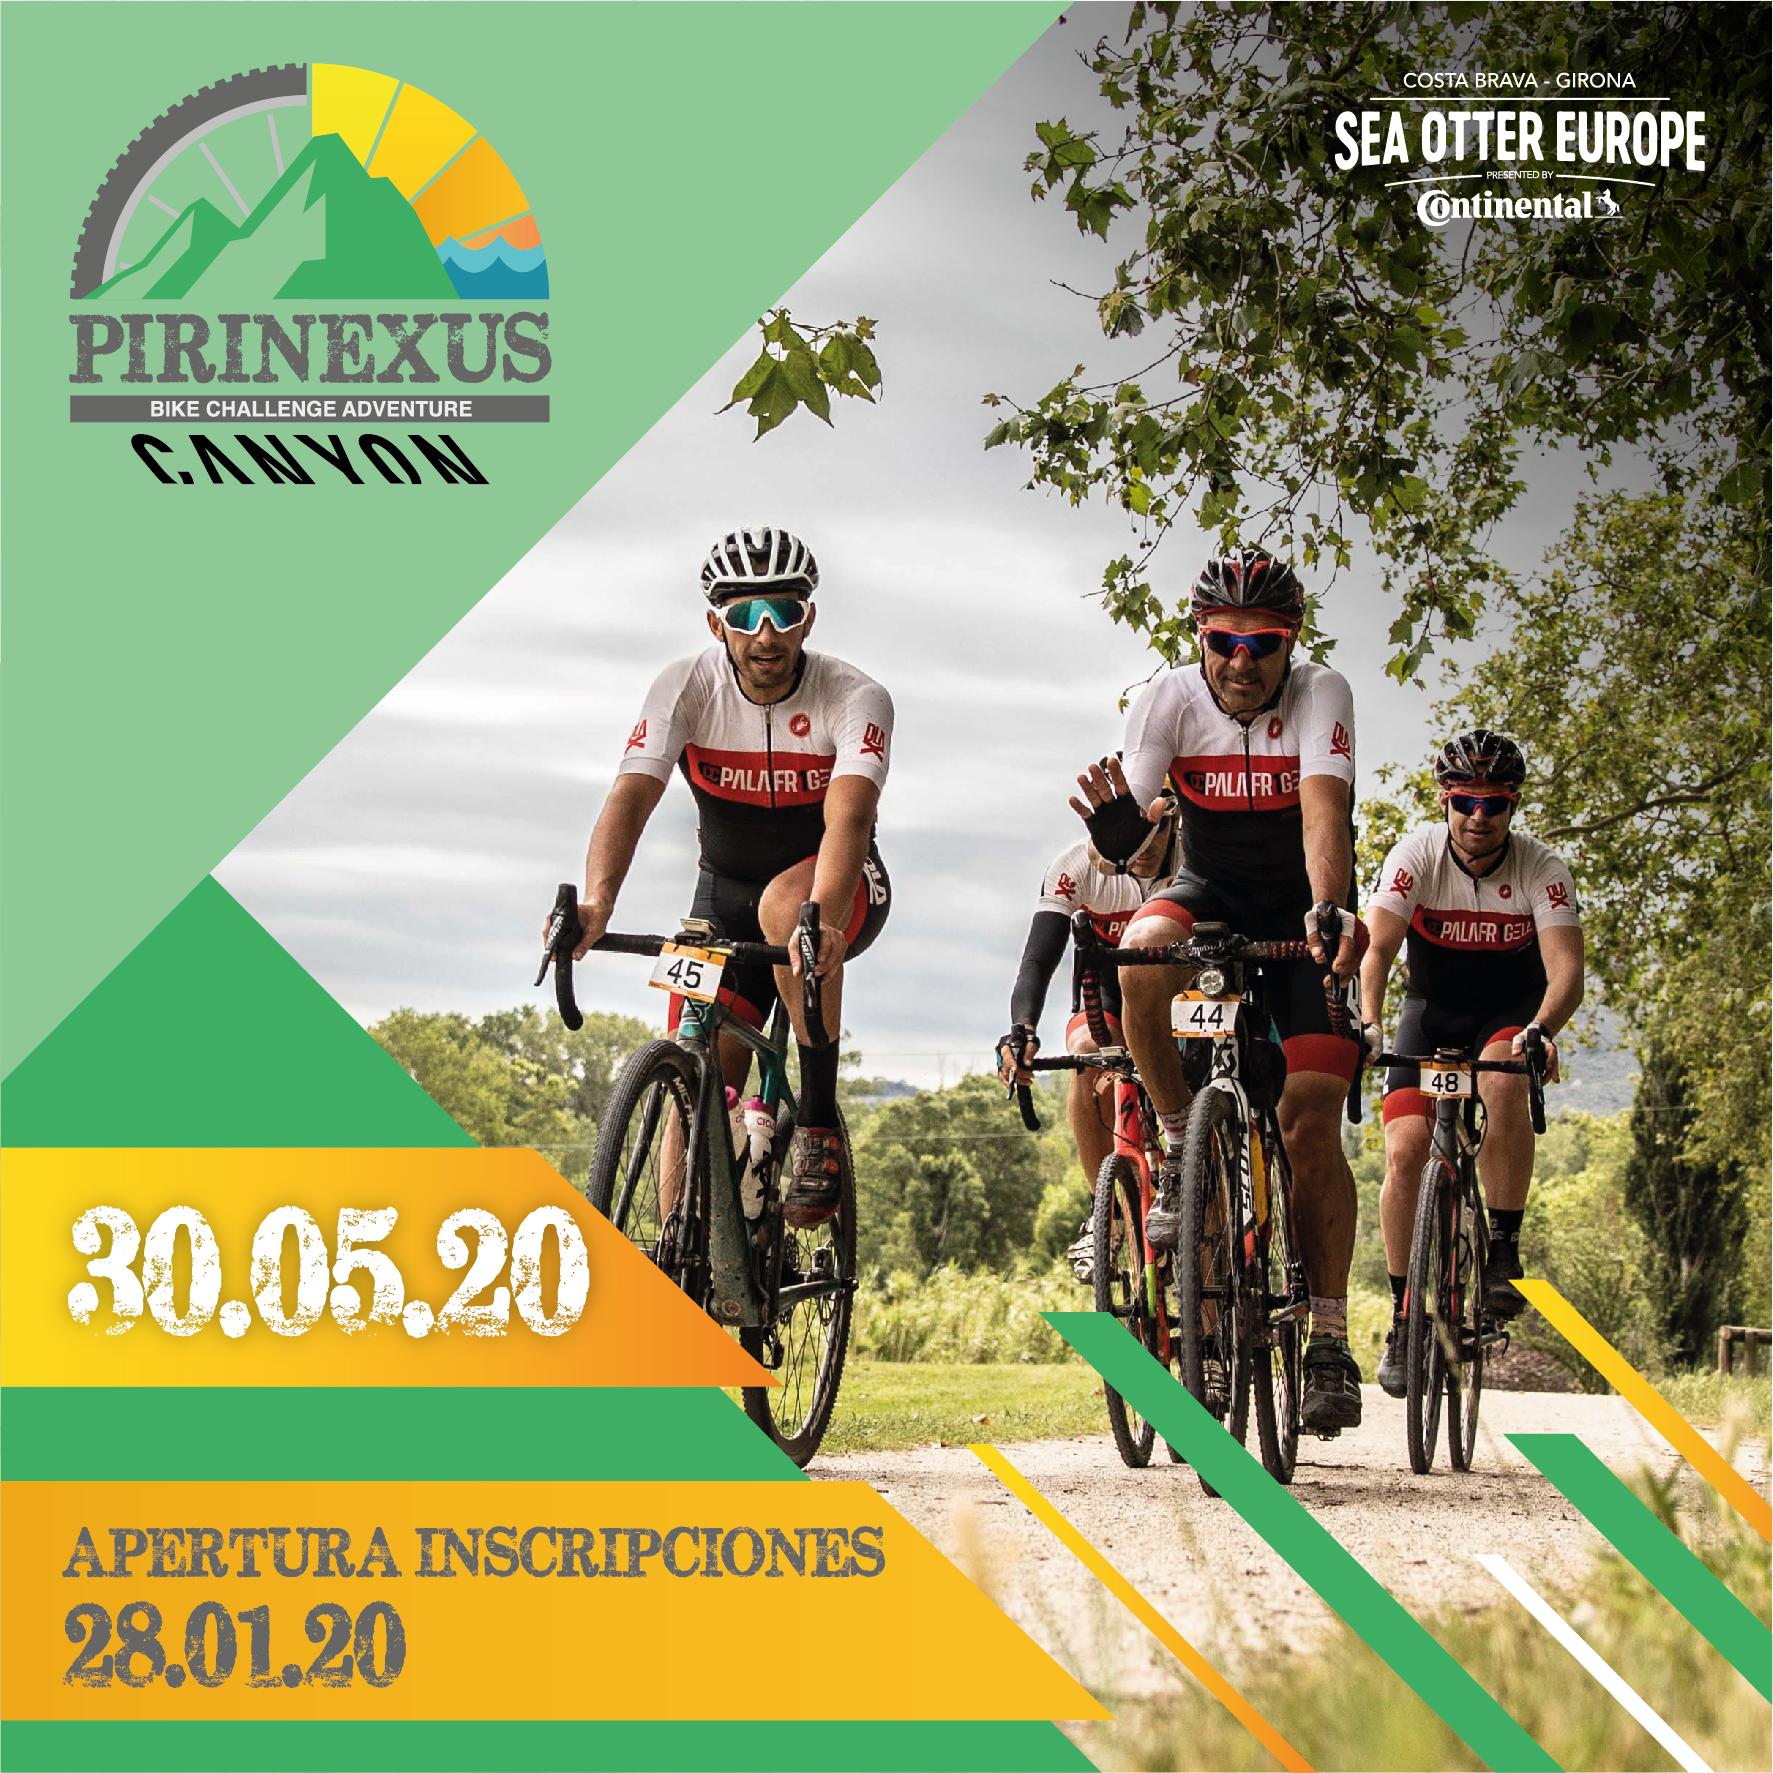 Canyon Pirinexus Challenge 2020 abre inscripciones el 28 de enero